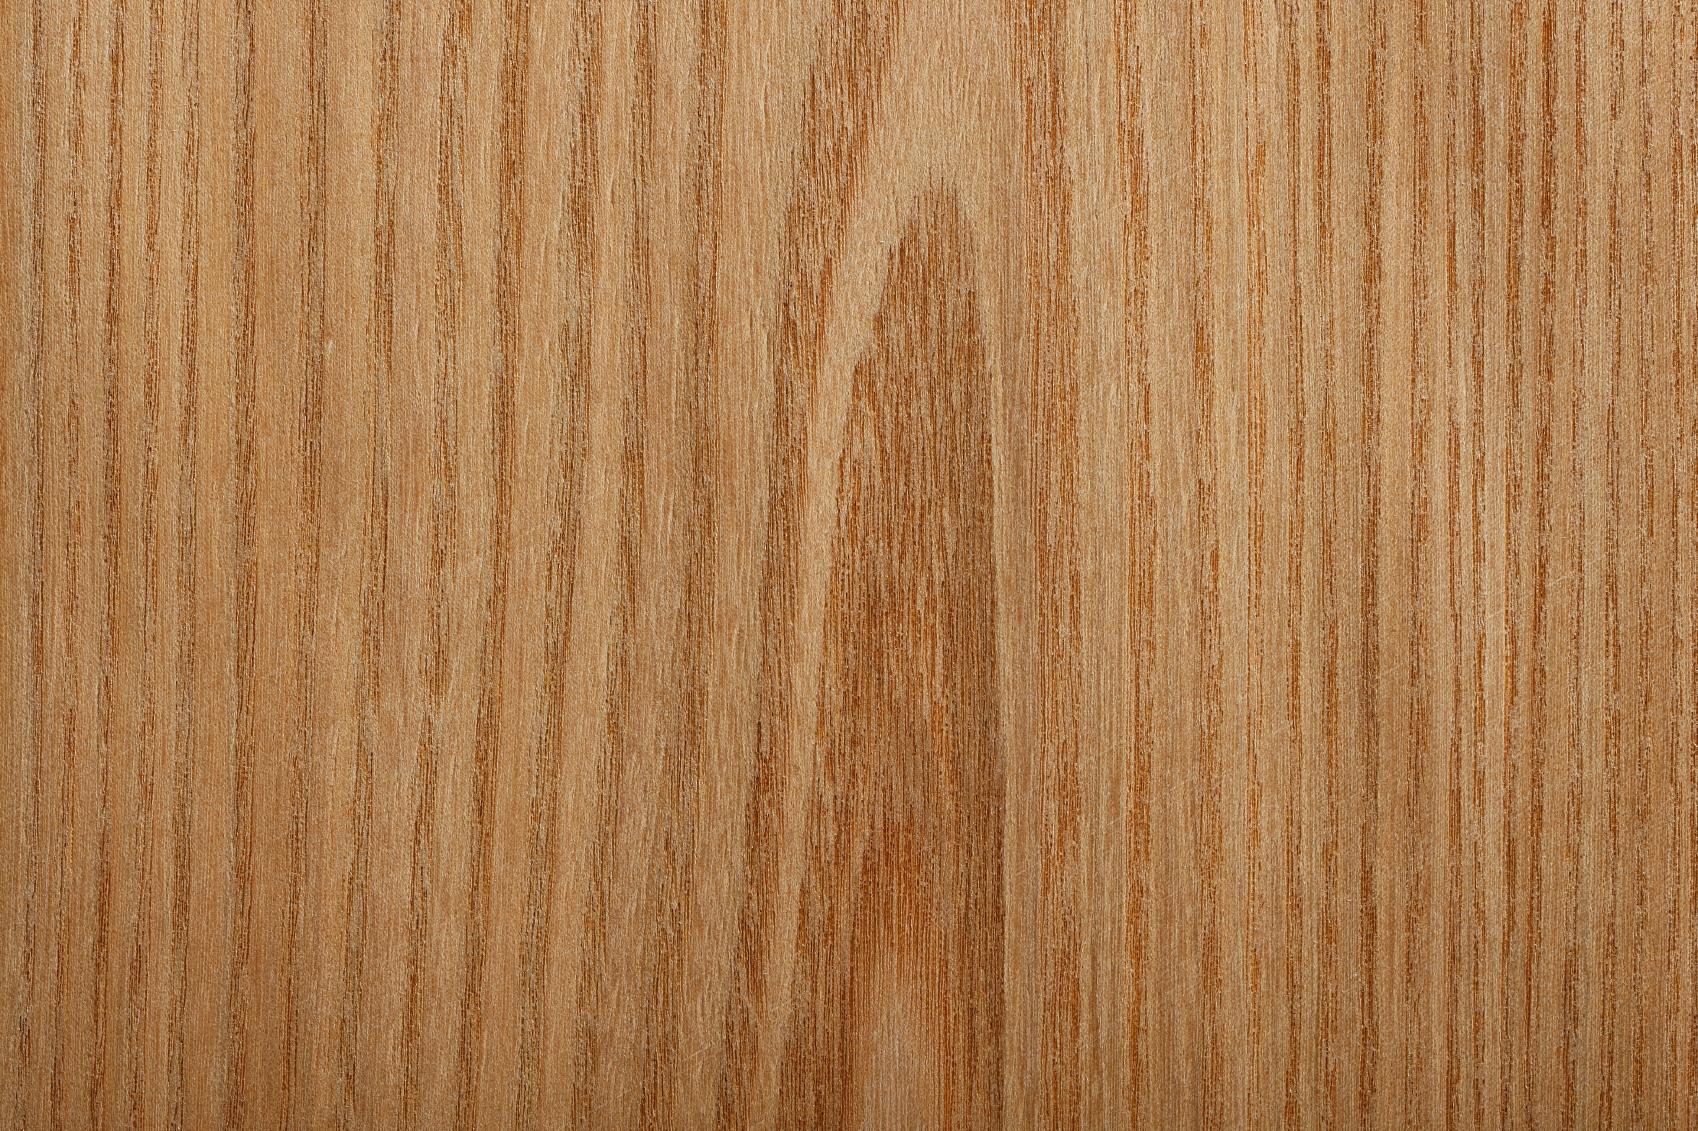 Rüster Holz rüsterholz